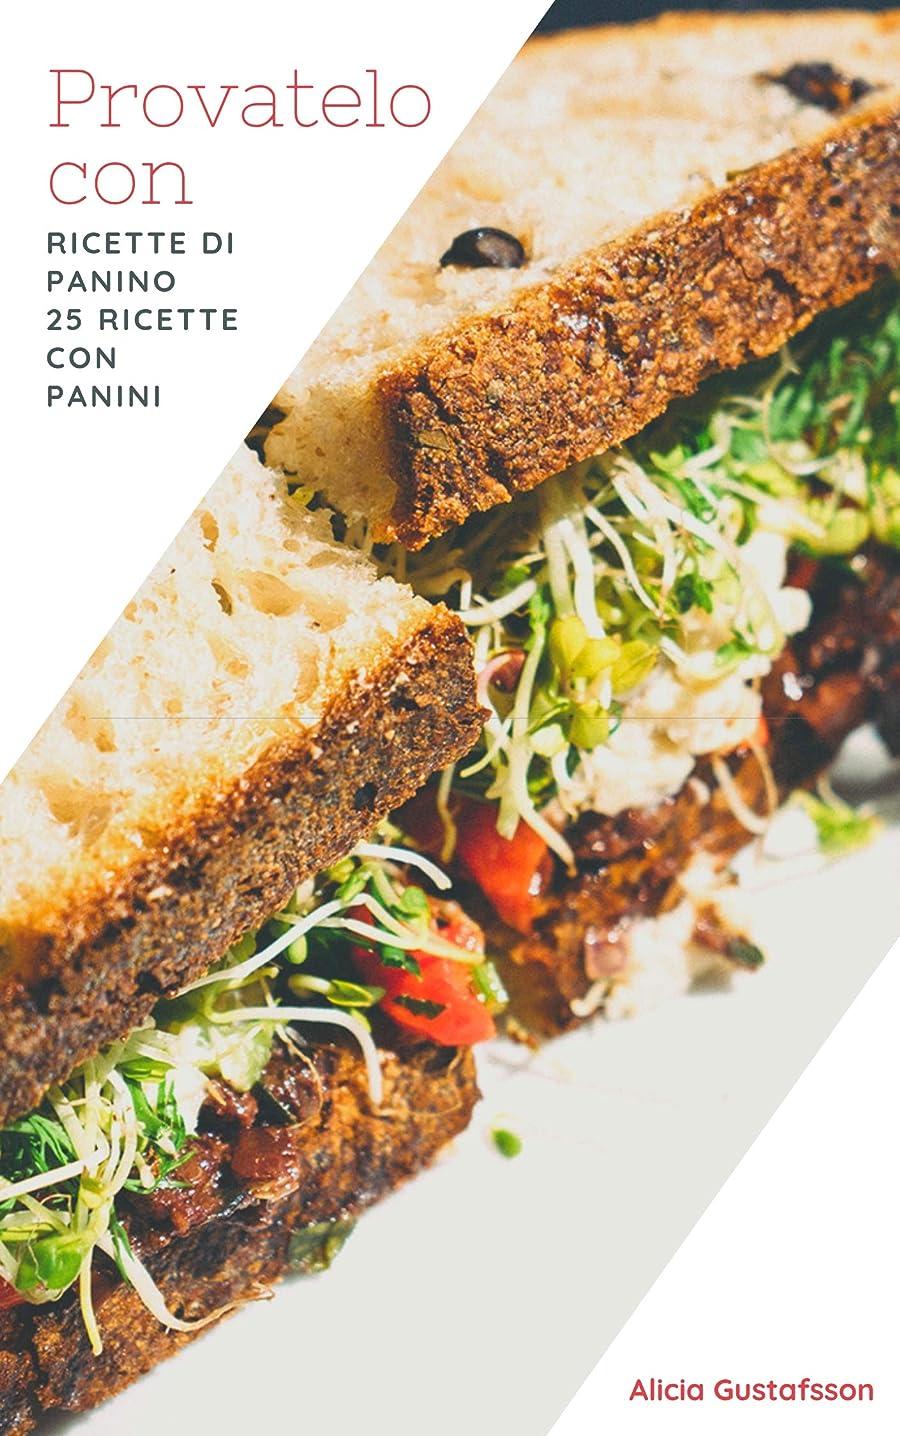 ブレーキシステム聴覚Provatelo con ricette di panino: 25 Ricette con panini (Italian Edition)